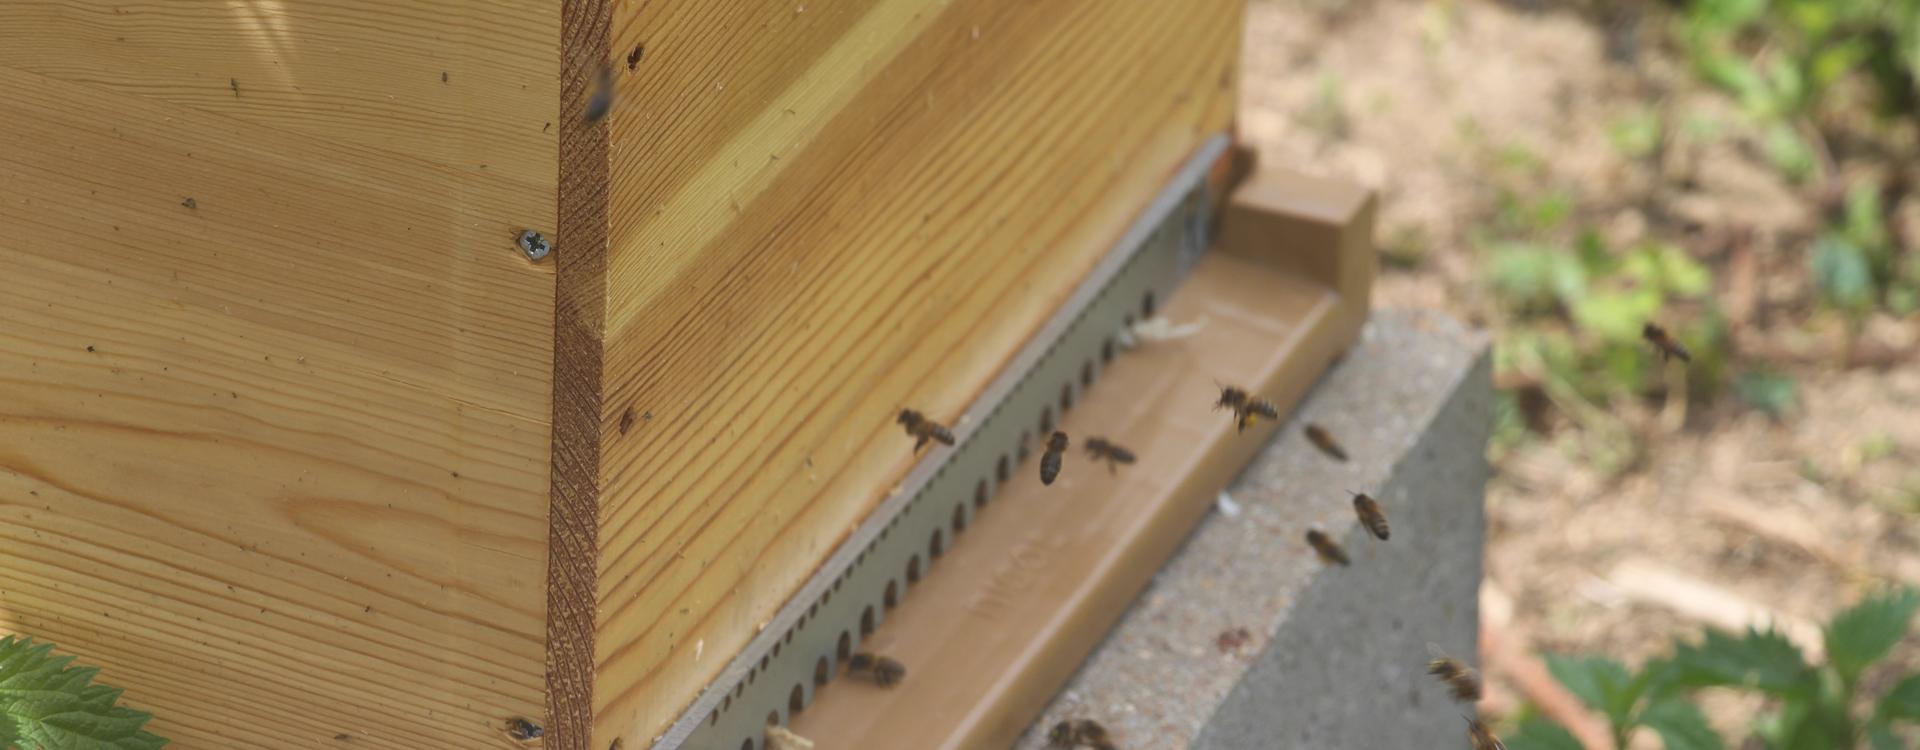 abeille5-1920x750